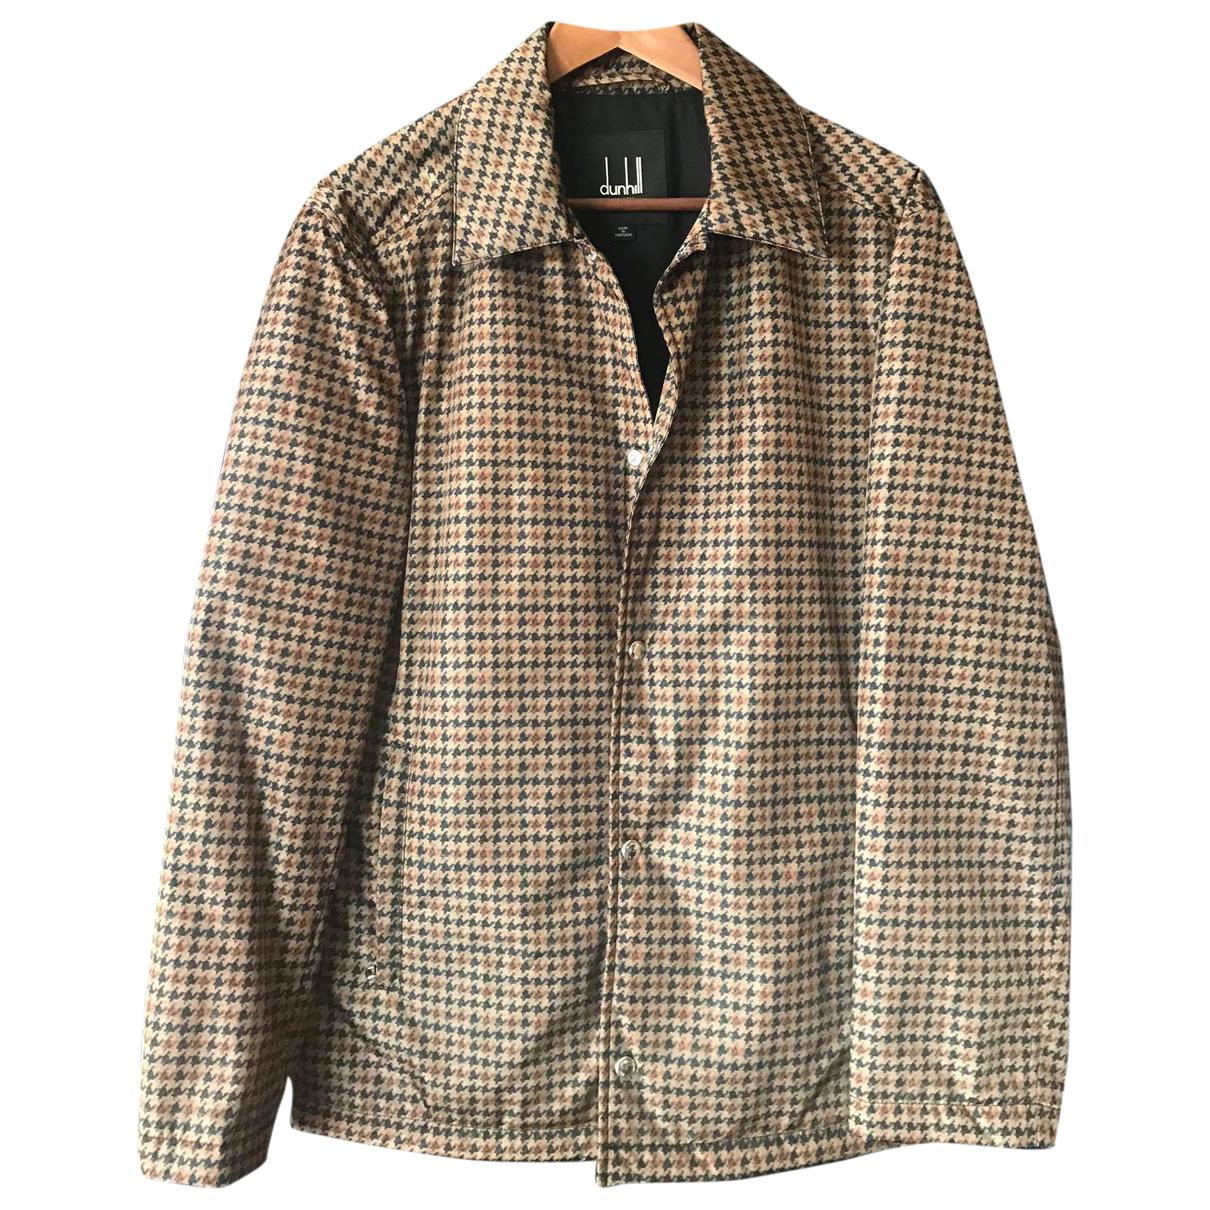 Alfred Dunhill - Manteau   pour homme - multicolore